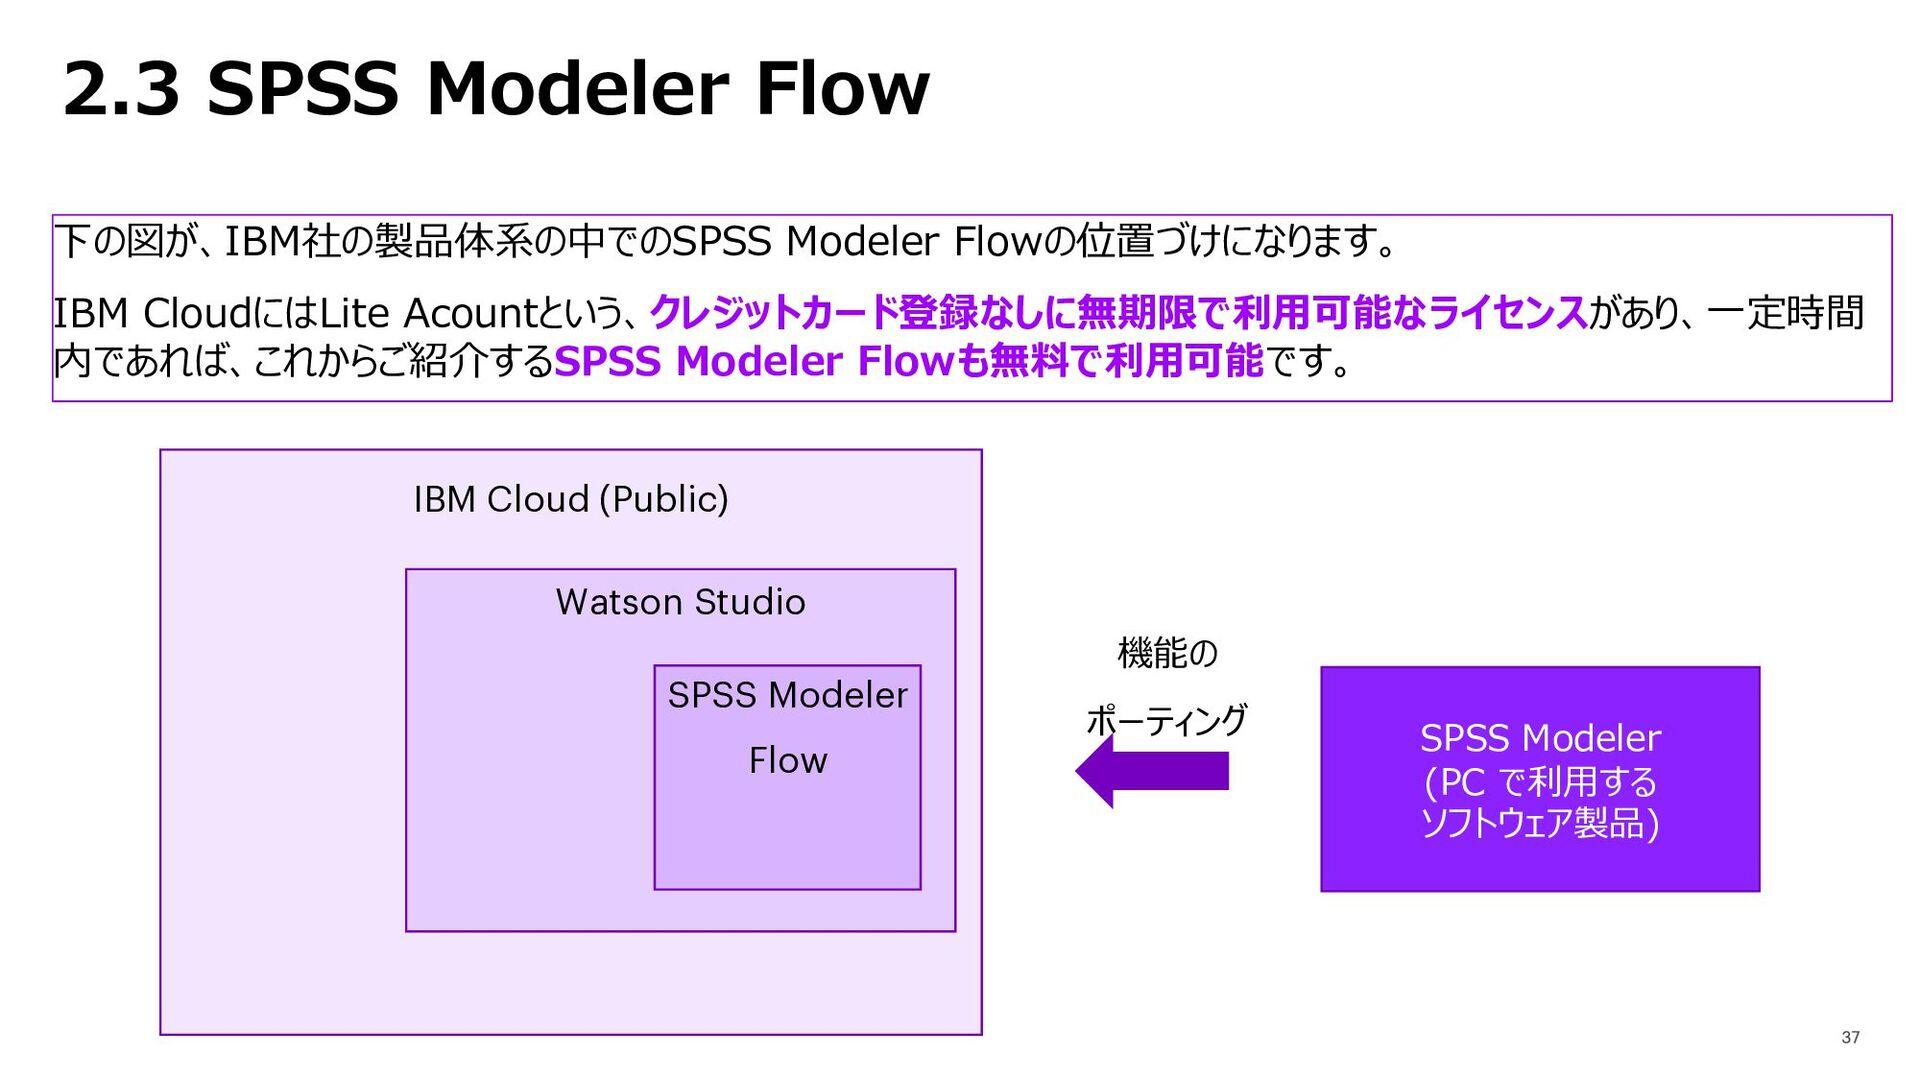 2.3 SPSS Modeler Flow 下の図が、IBM社の製品体系の中でのSPSS Mo...